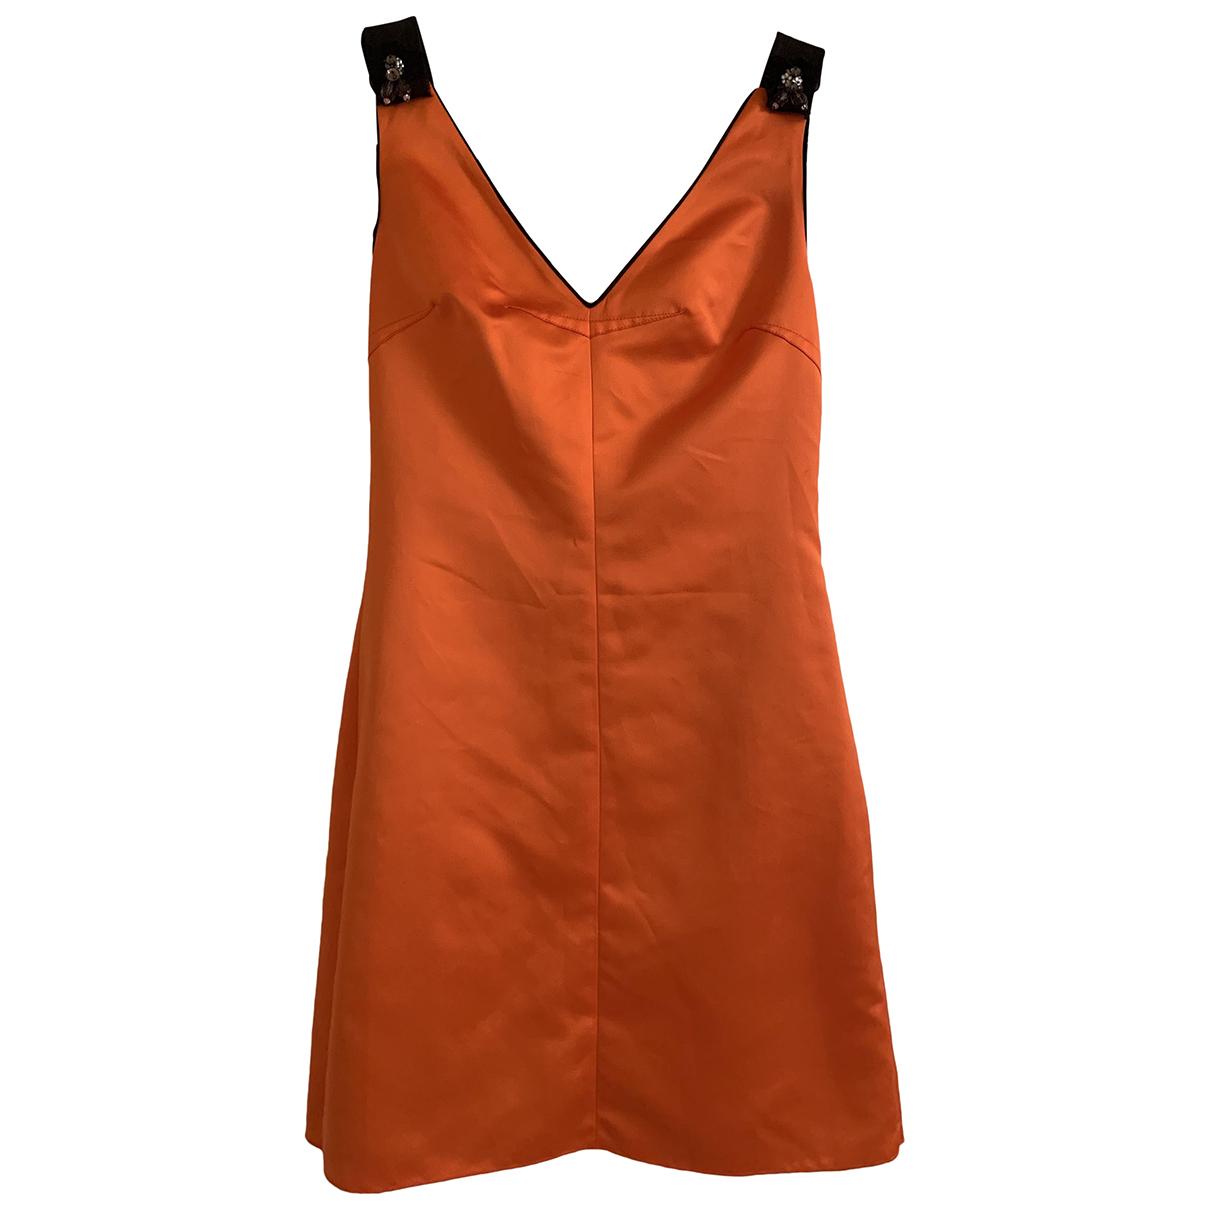 D&g \N Kleid in  Orange Synthetik